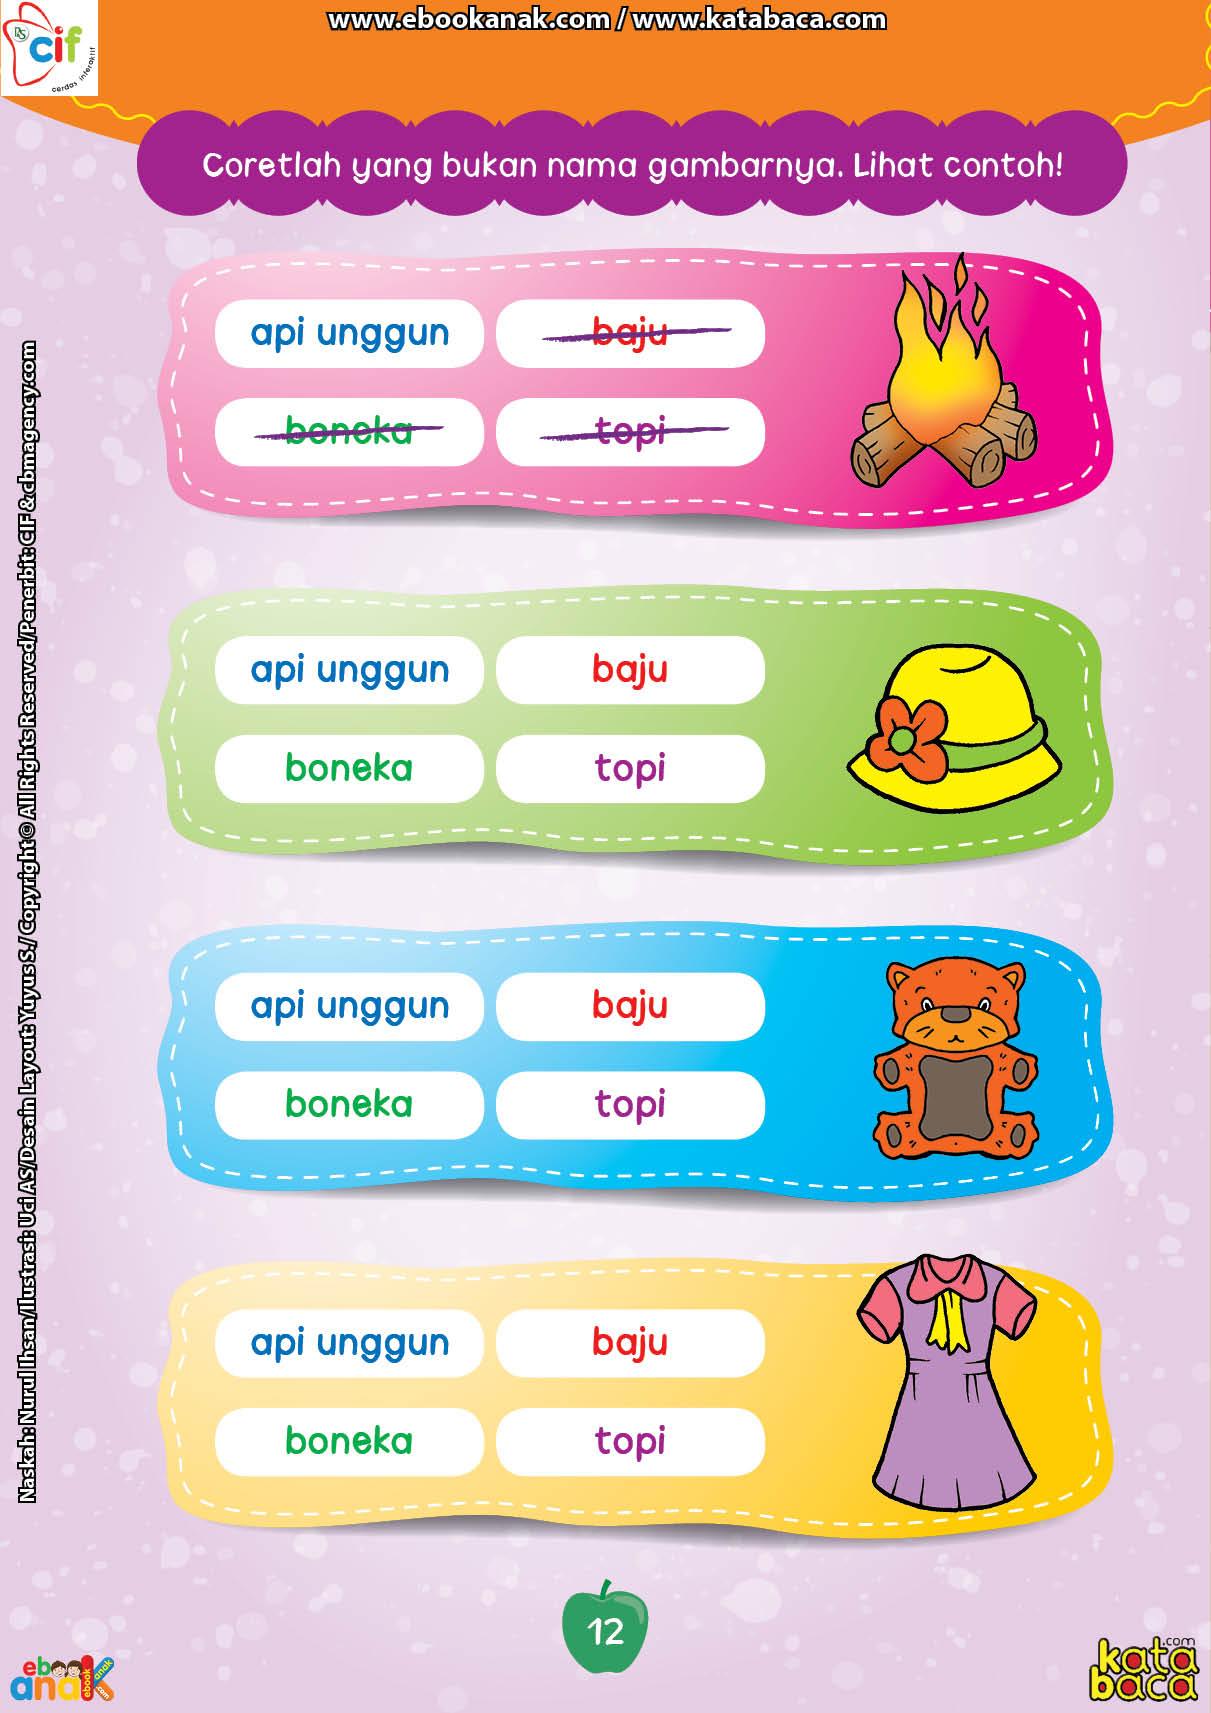 baca buku online brain games calistung12 Mencari Kata atau Kalimat yang Sesuai dengan Gambar